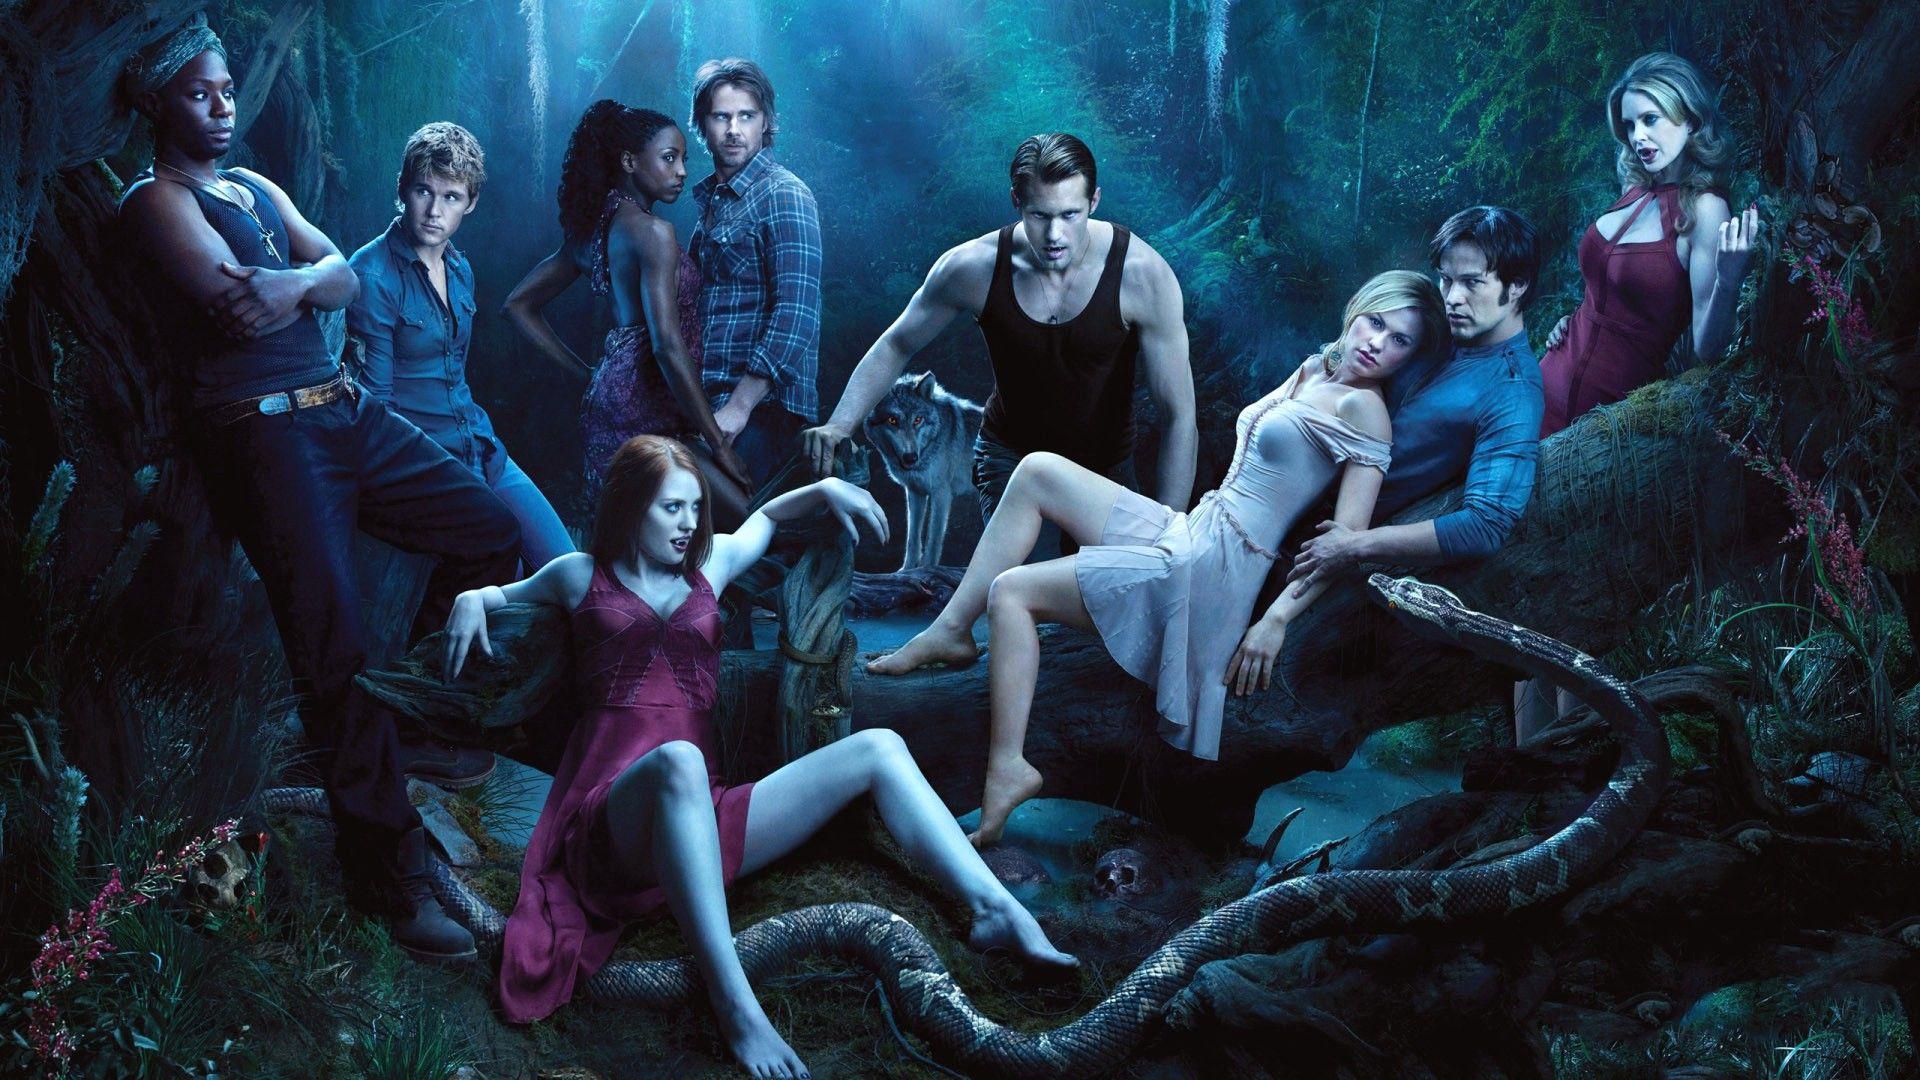 Los vampiros y la lucha de clases 6